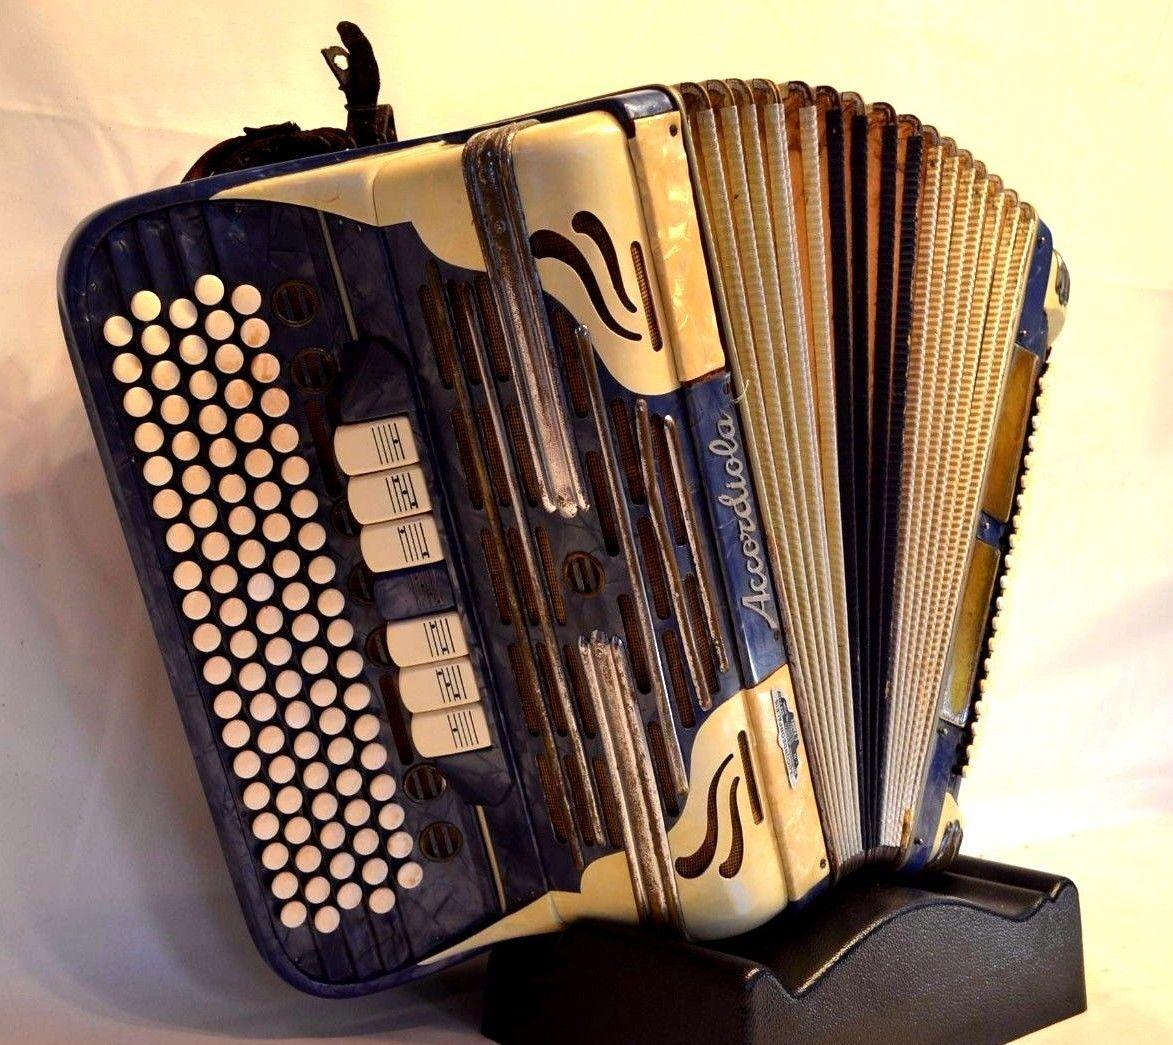 Accordiola. France/Italy (1960s) Accordion, Instruments